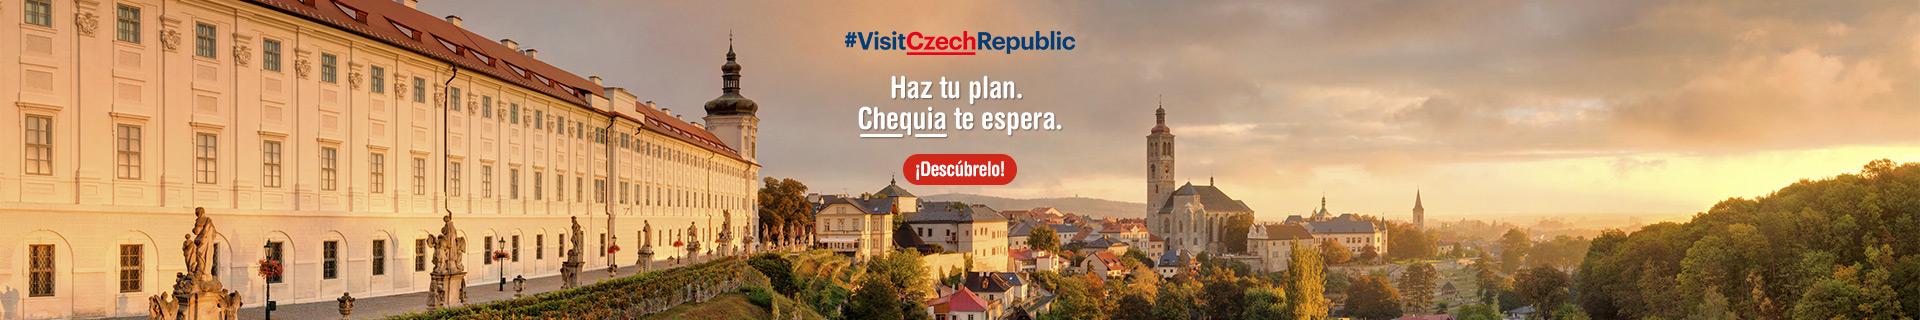 Haz tu plan. Chequia te espera